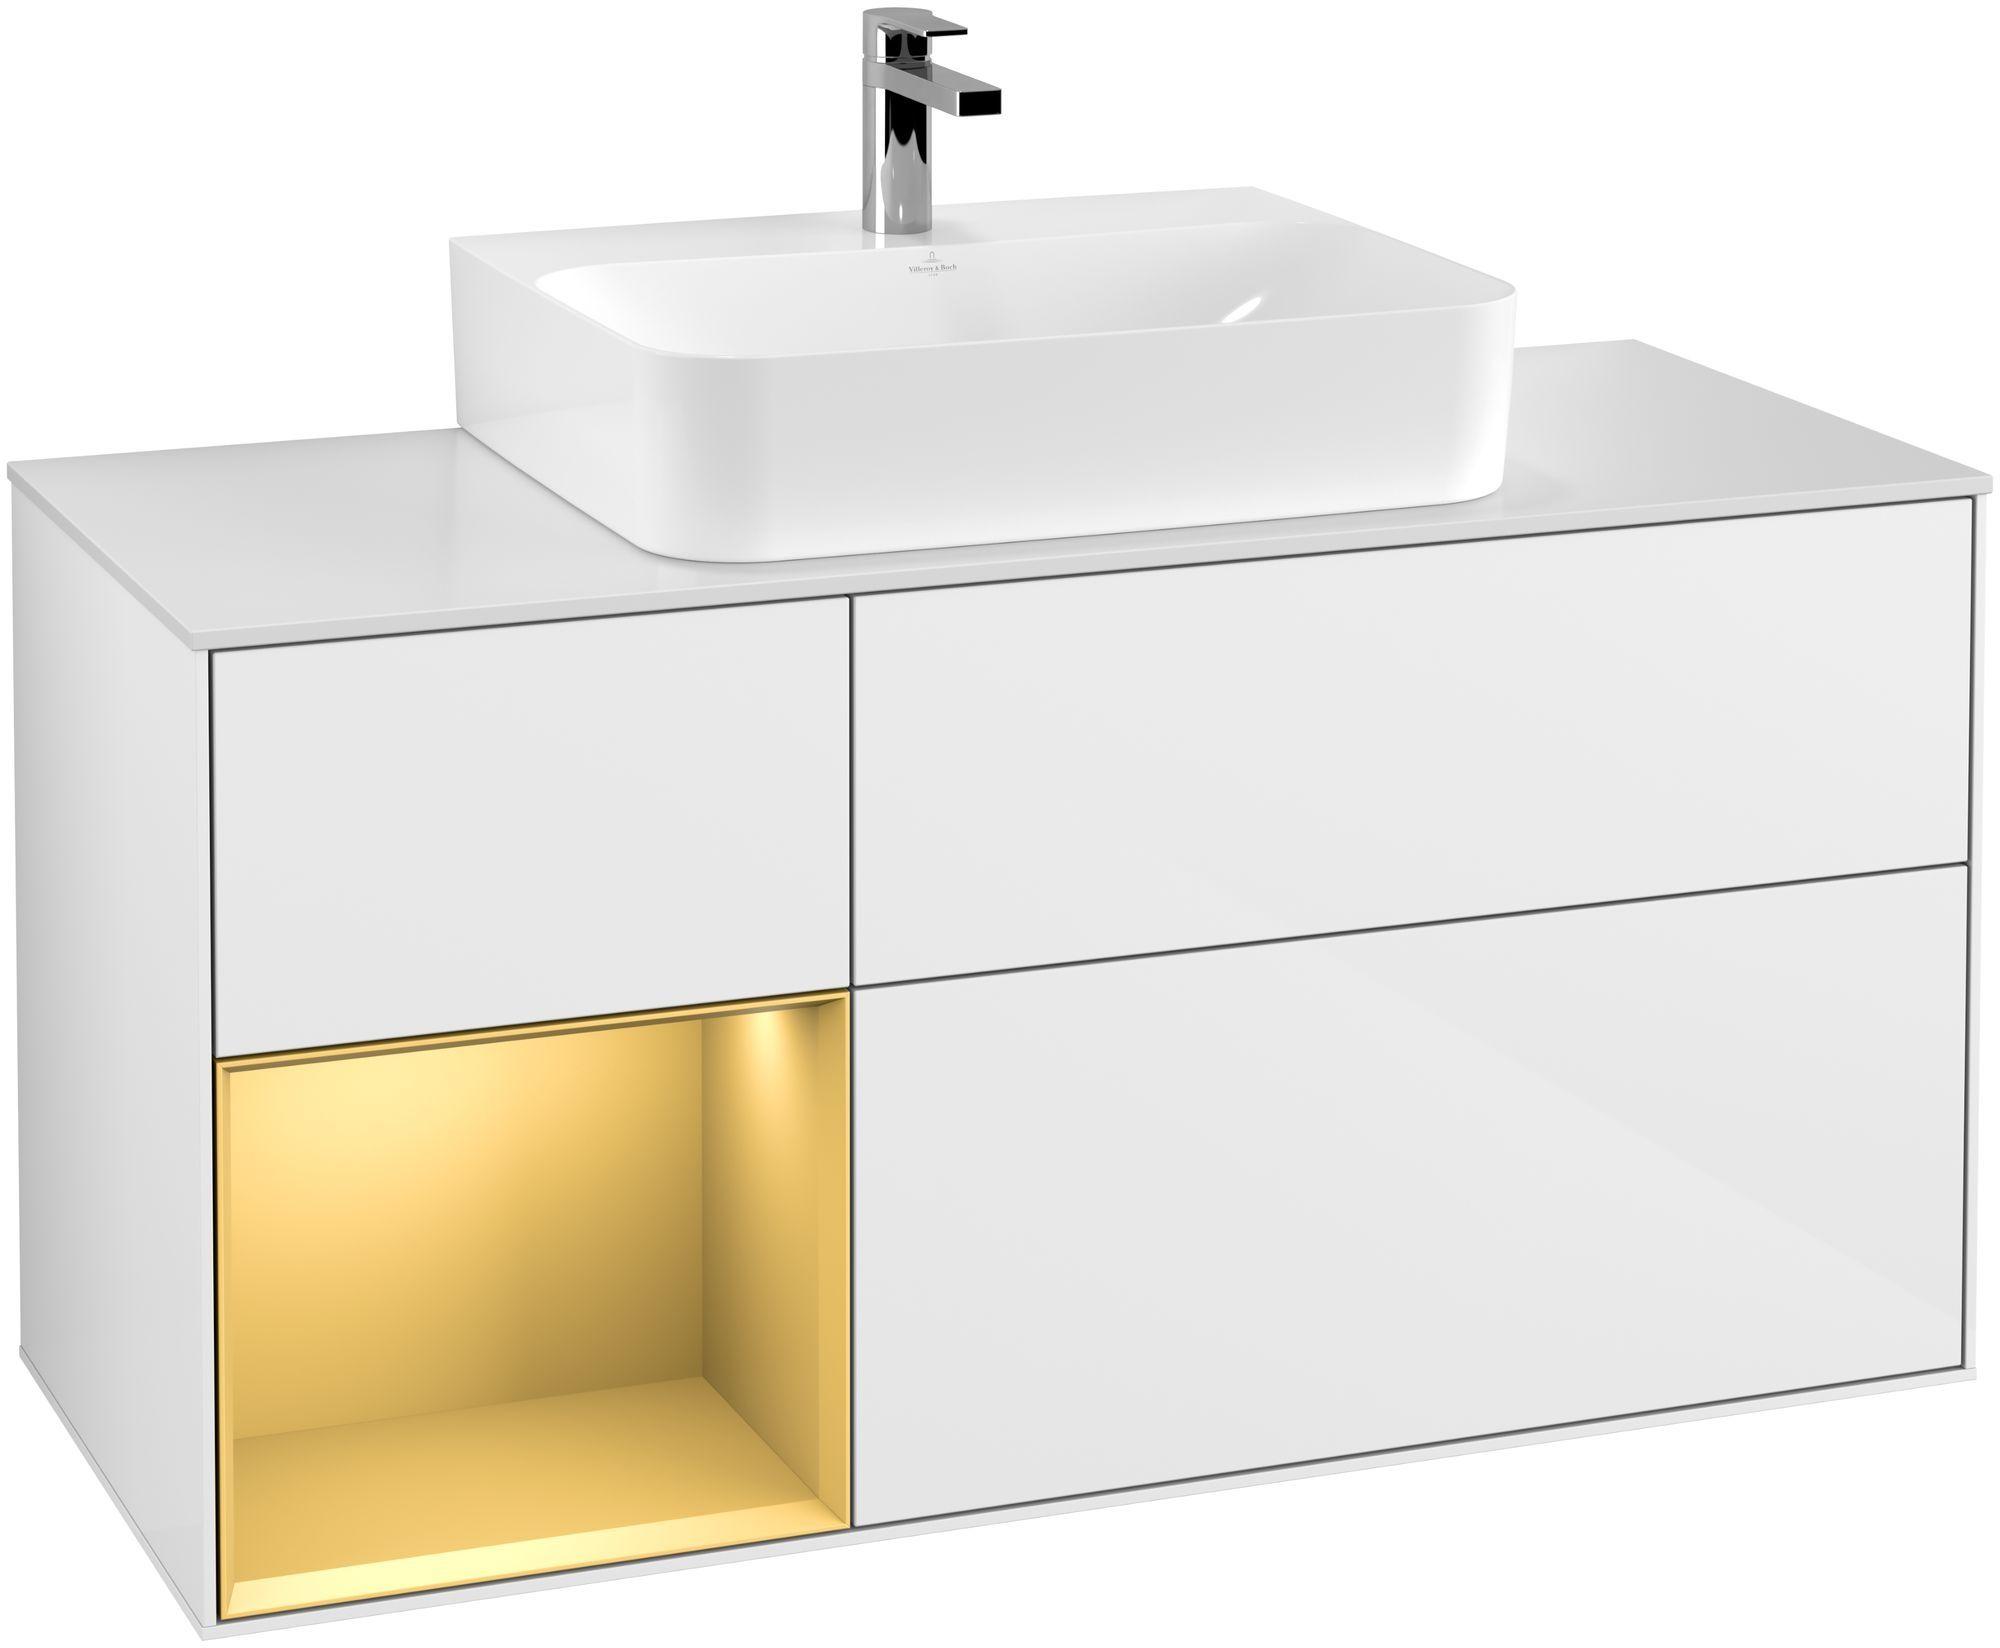 Villeroy & Boch Finion F16 Waschtischunterschrank mit Regalelement 3 Auszüge Waschtisch mittig LED-Beleuchtung B:120xH:60,3xT:50,1cm Front, Korpus: Glossy White Lack, Regal: Gold Matt, Glasplatte: White Matt F161HFGF